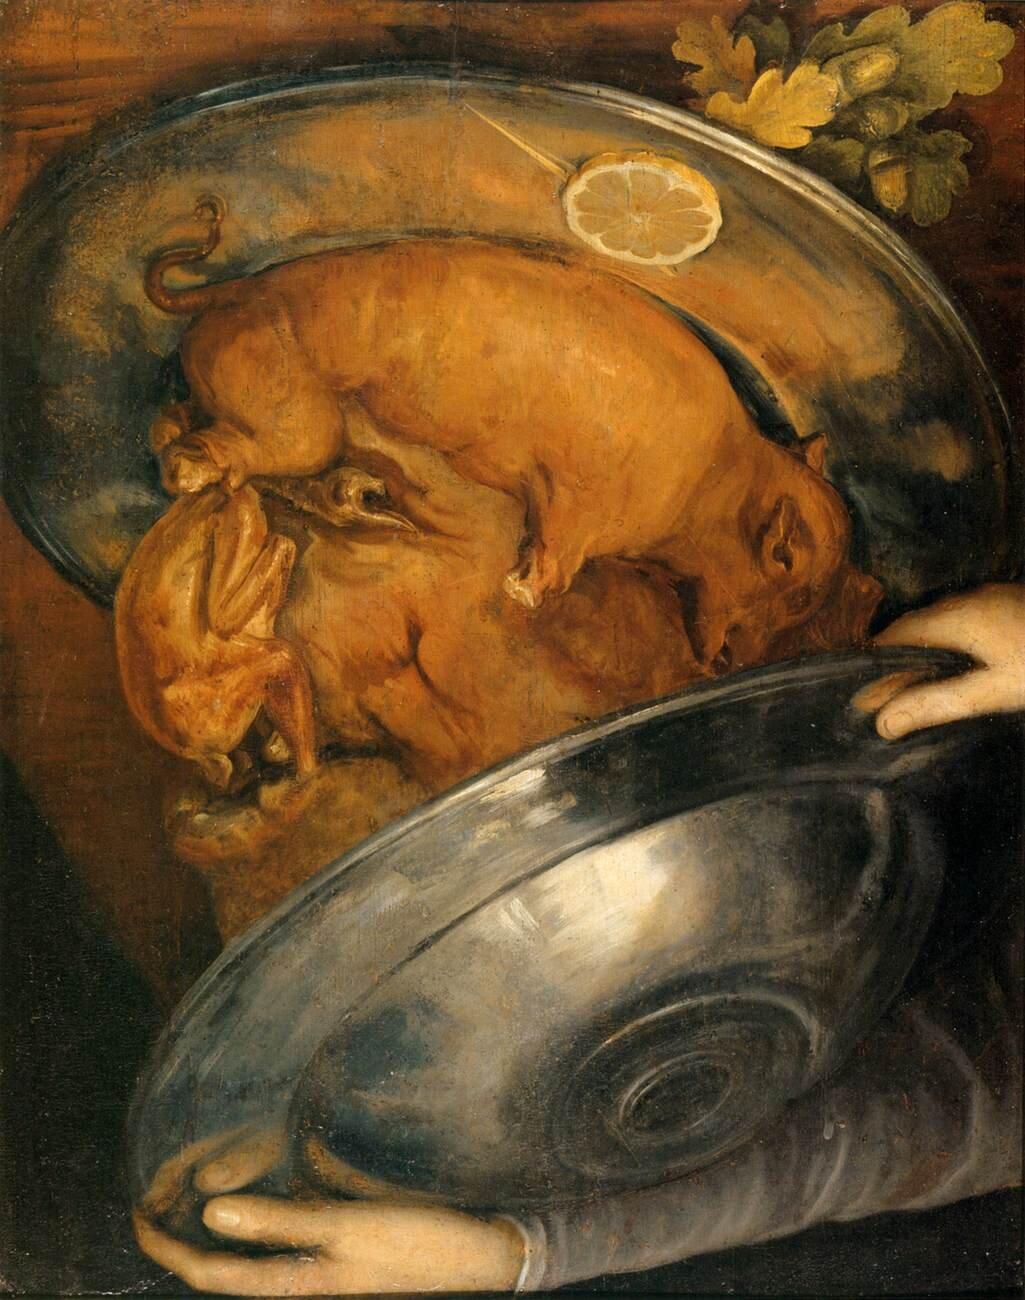 Kucharz (obiad) Źródło: Giuseppe Arcimboldo, Kucharz (obiad), ok. 1570, olej na desce, Muzeum Narodowe wSztokholmie, domena publiczna.